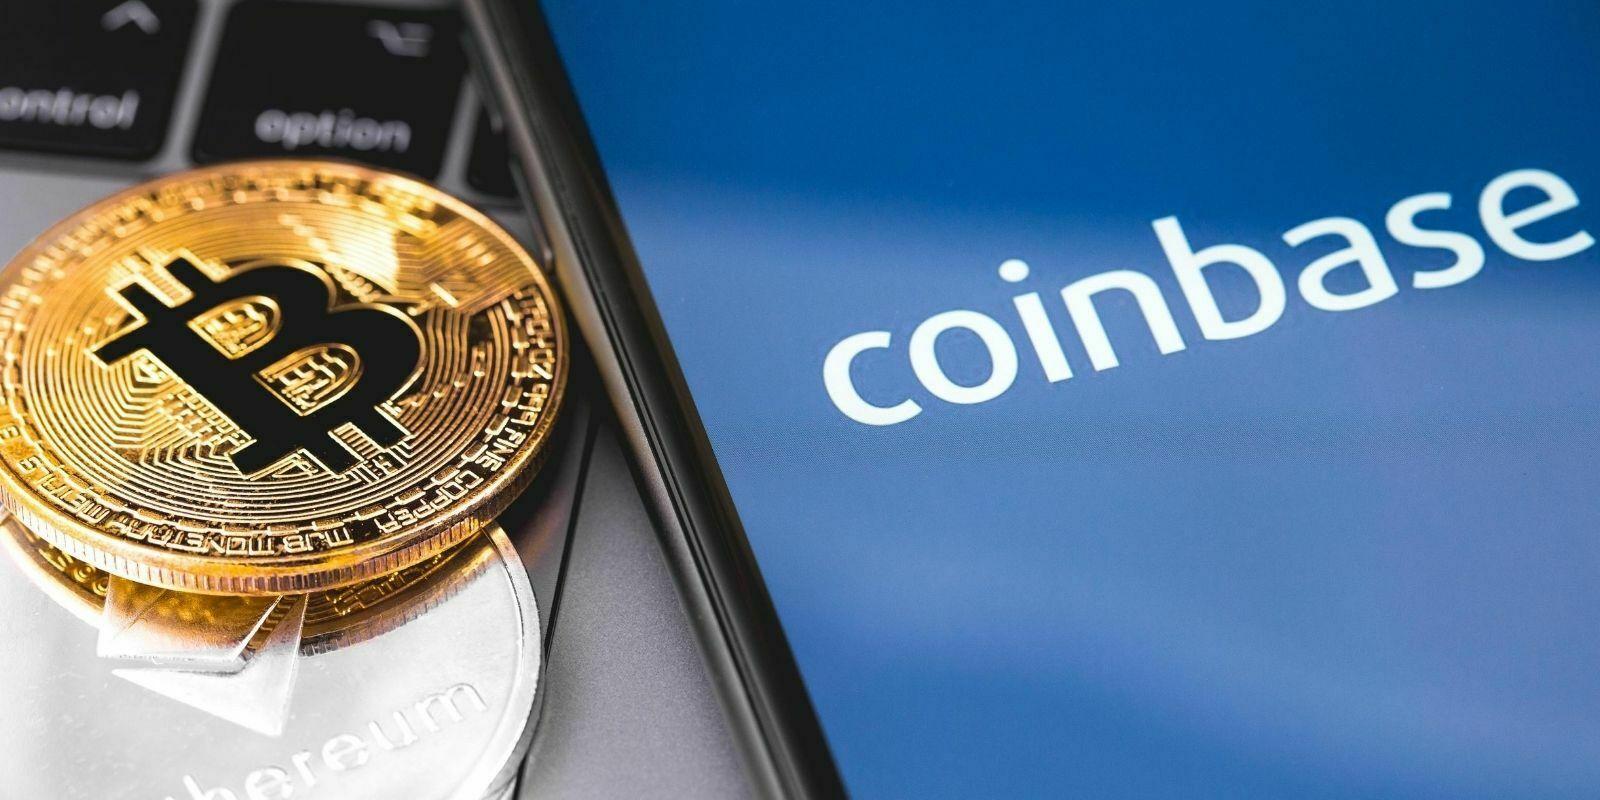 Coinbase compte plus de 35 millions d'utilisateurs dans 100 pays